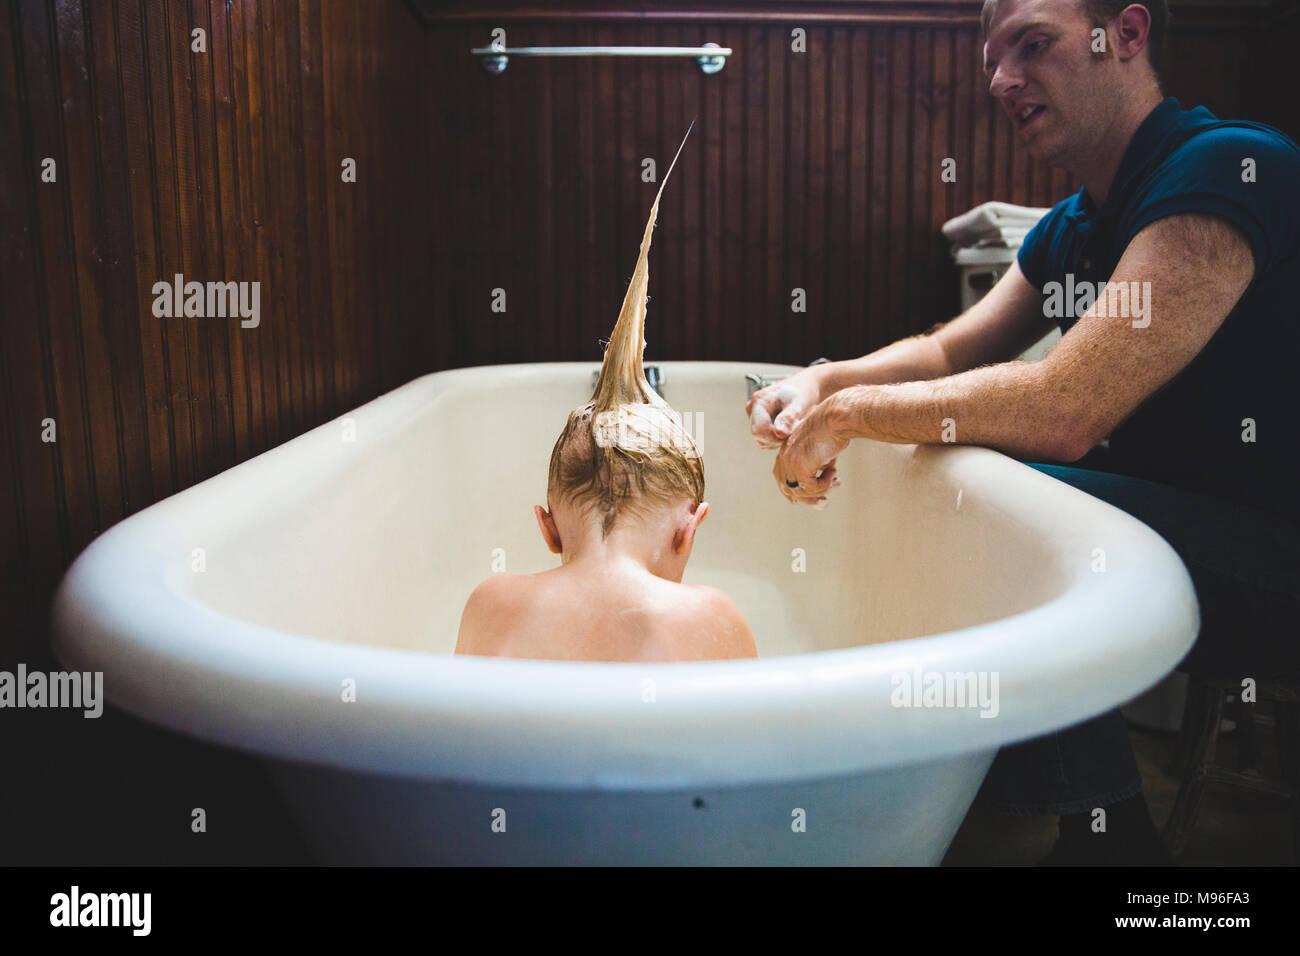 Vater baden Kind mit stacheligen Frisur Stockbild